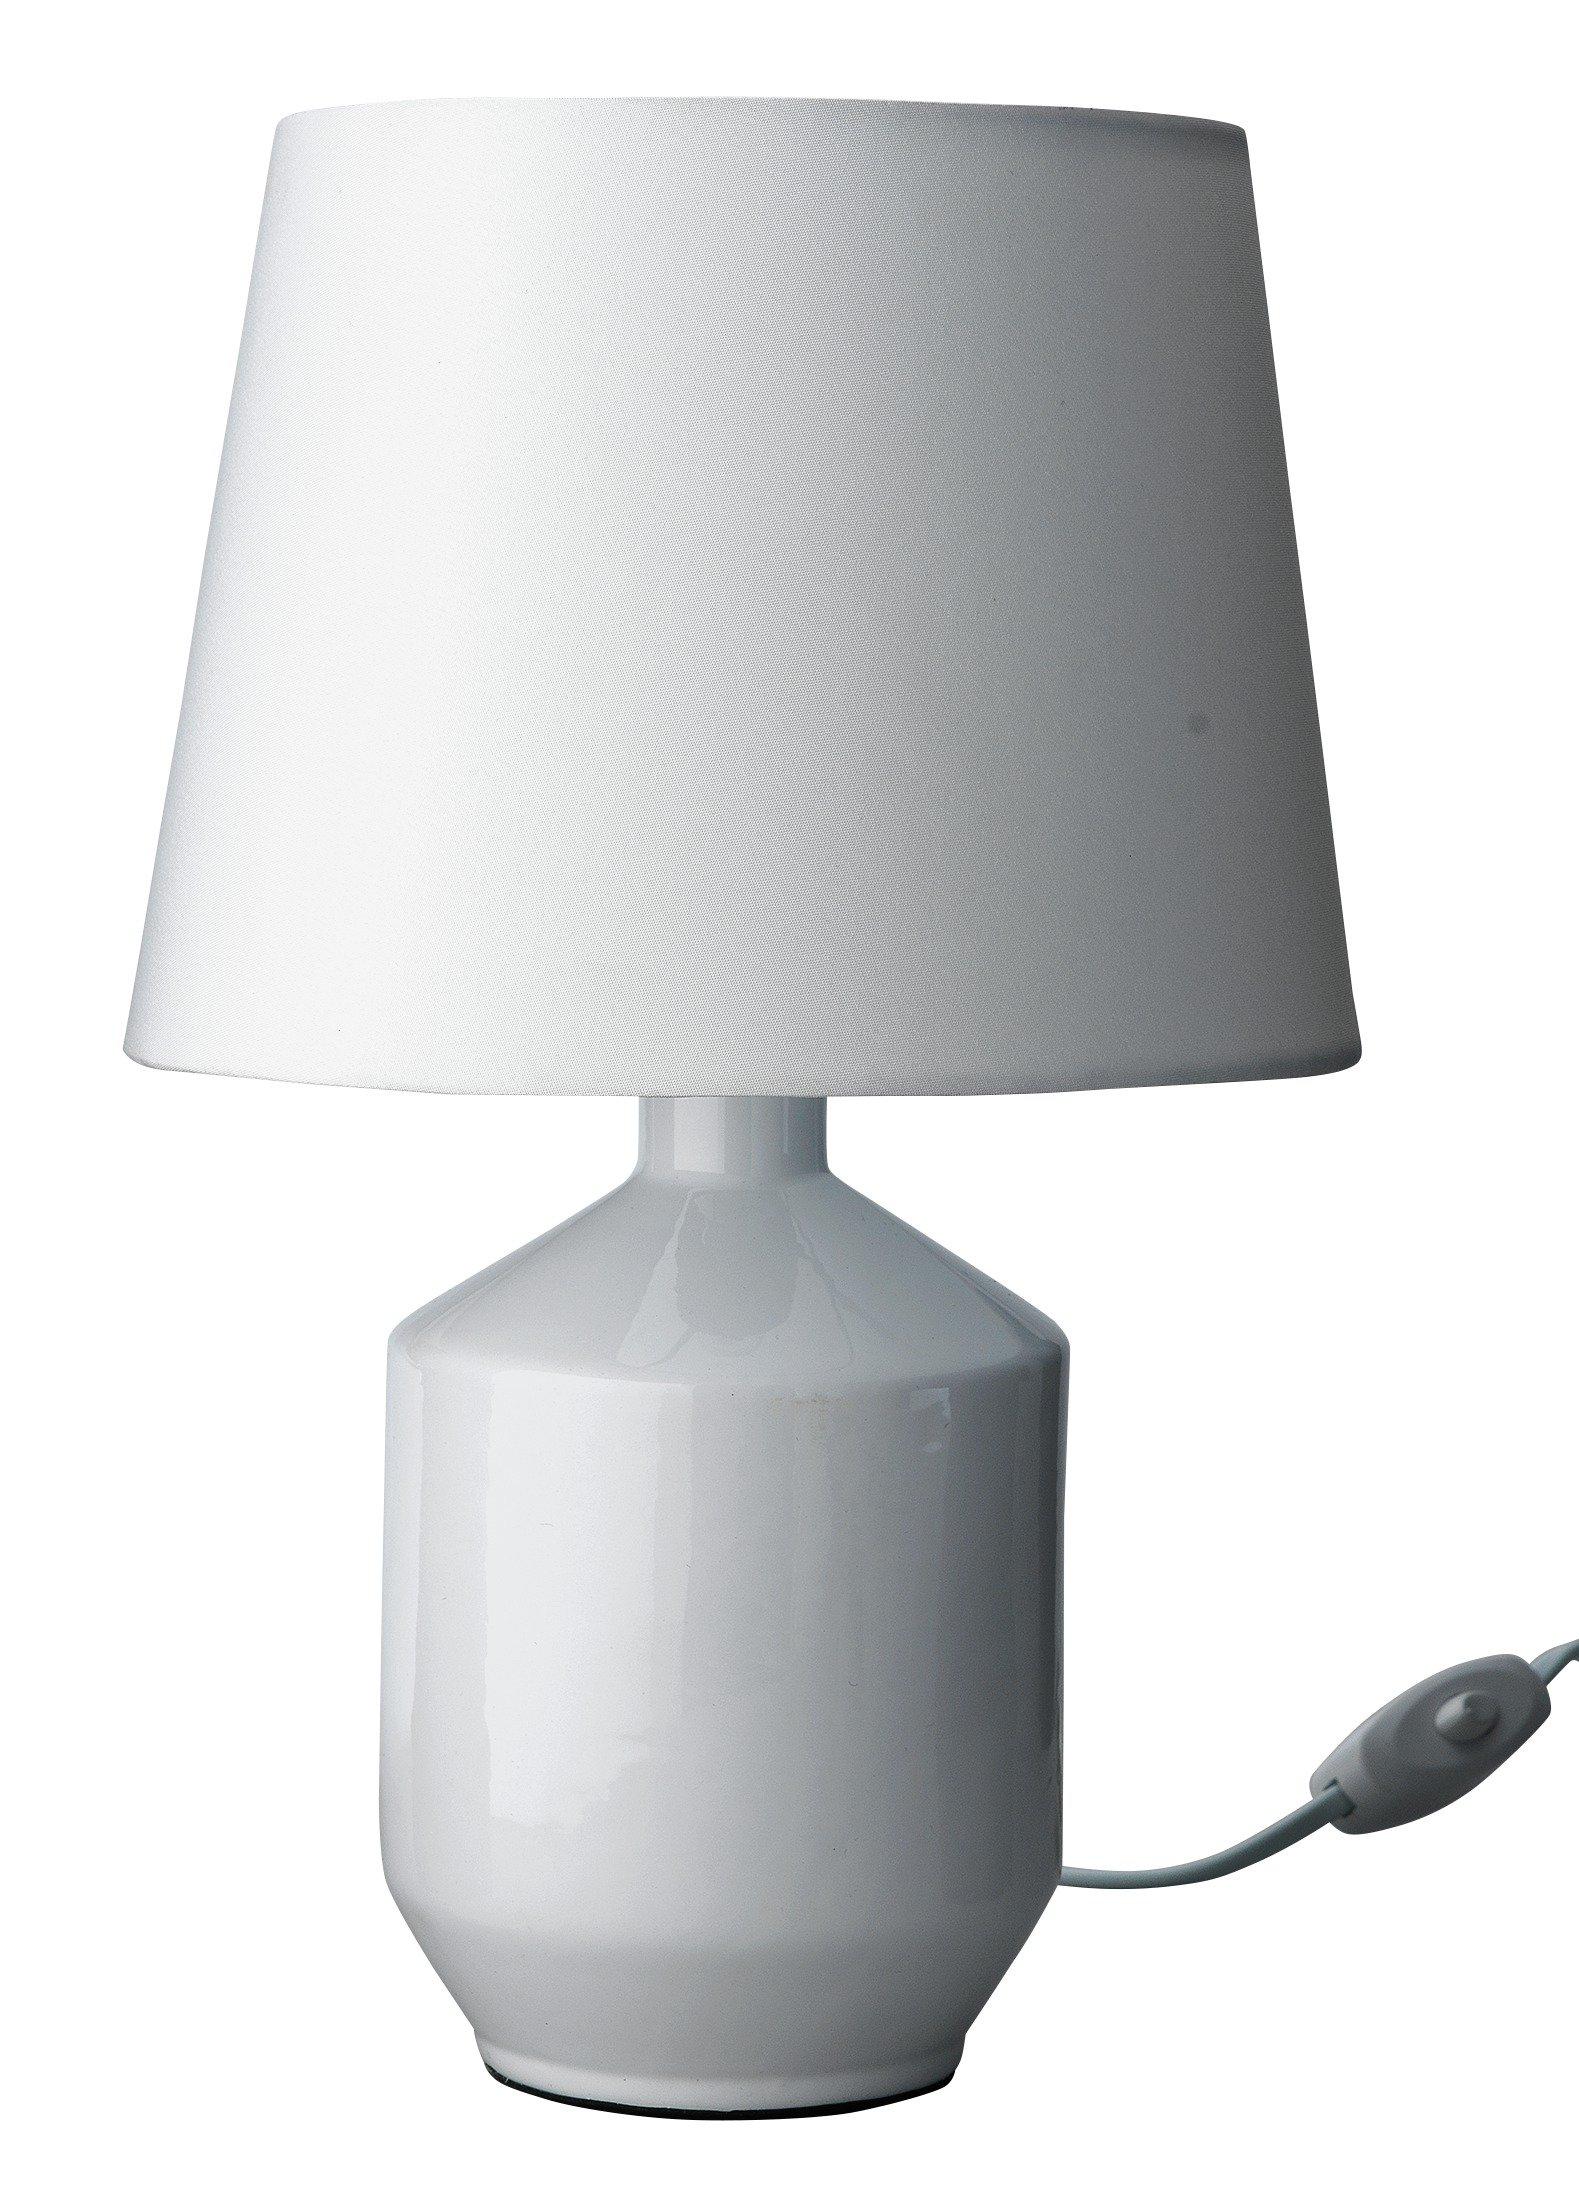 Argos Home Ceramic Table Lamp - Super White